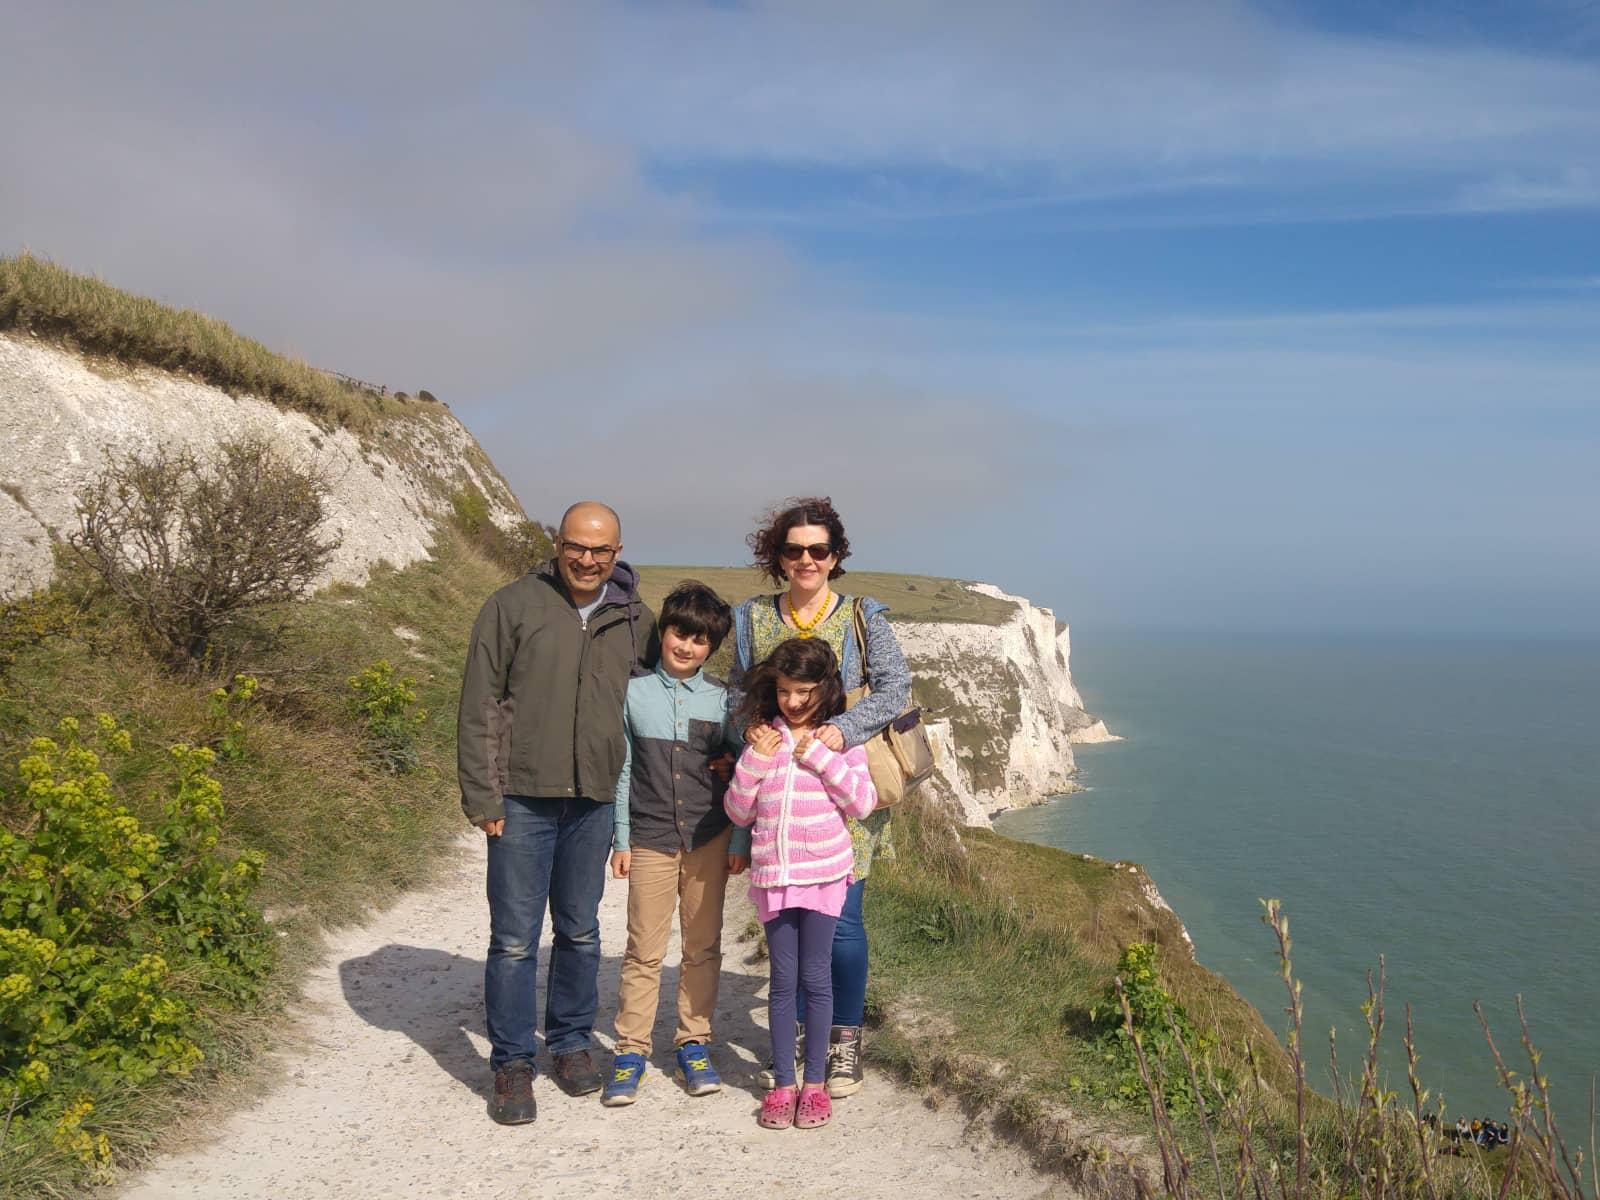 Joanne & Dalvir from Nottingham, United Kingdom